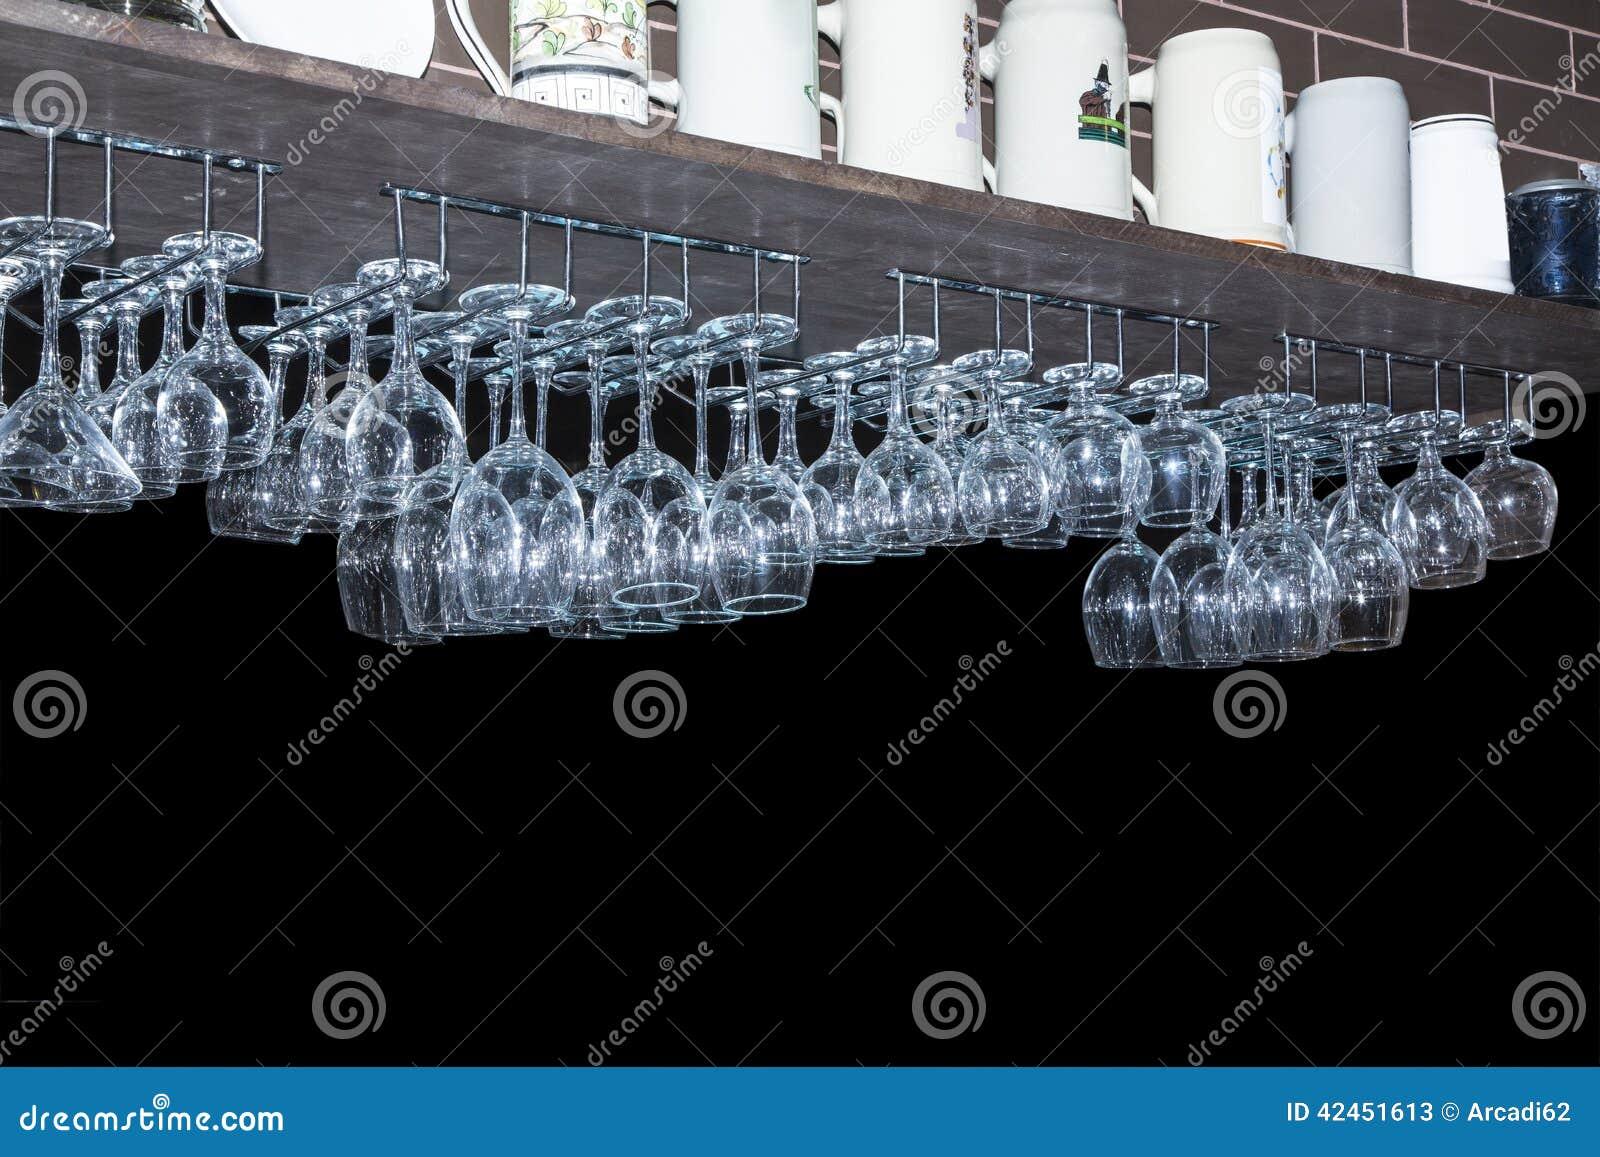 ... des ustensiles, des verres propres pour le vin, leau-de-vie fine et